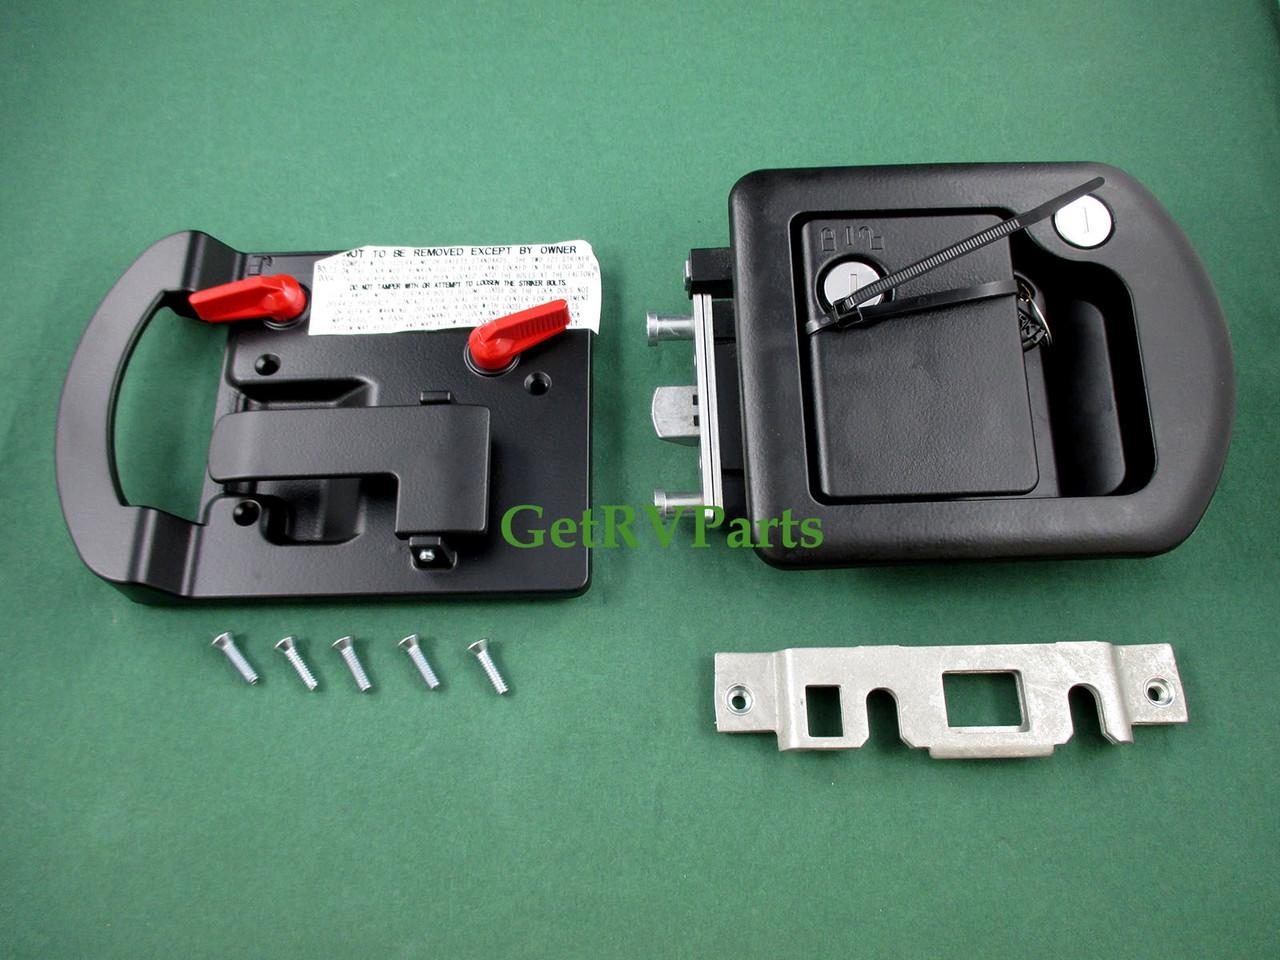 RV Entry Door Lock 013-257 Bauer Replacement For Trimark 060-1650 60-650